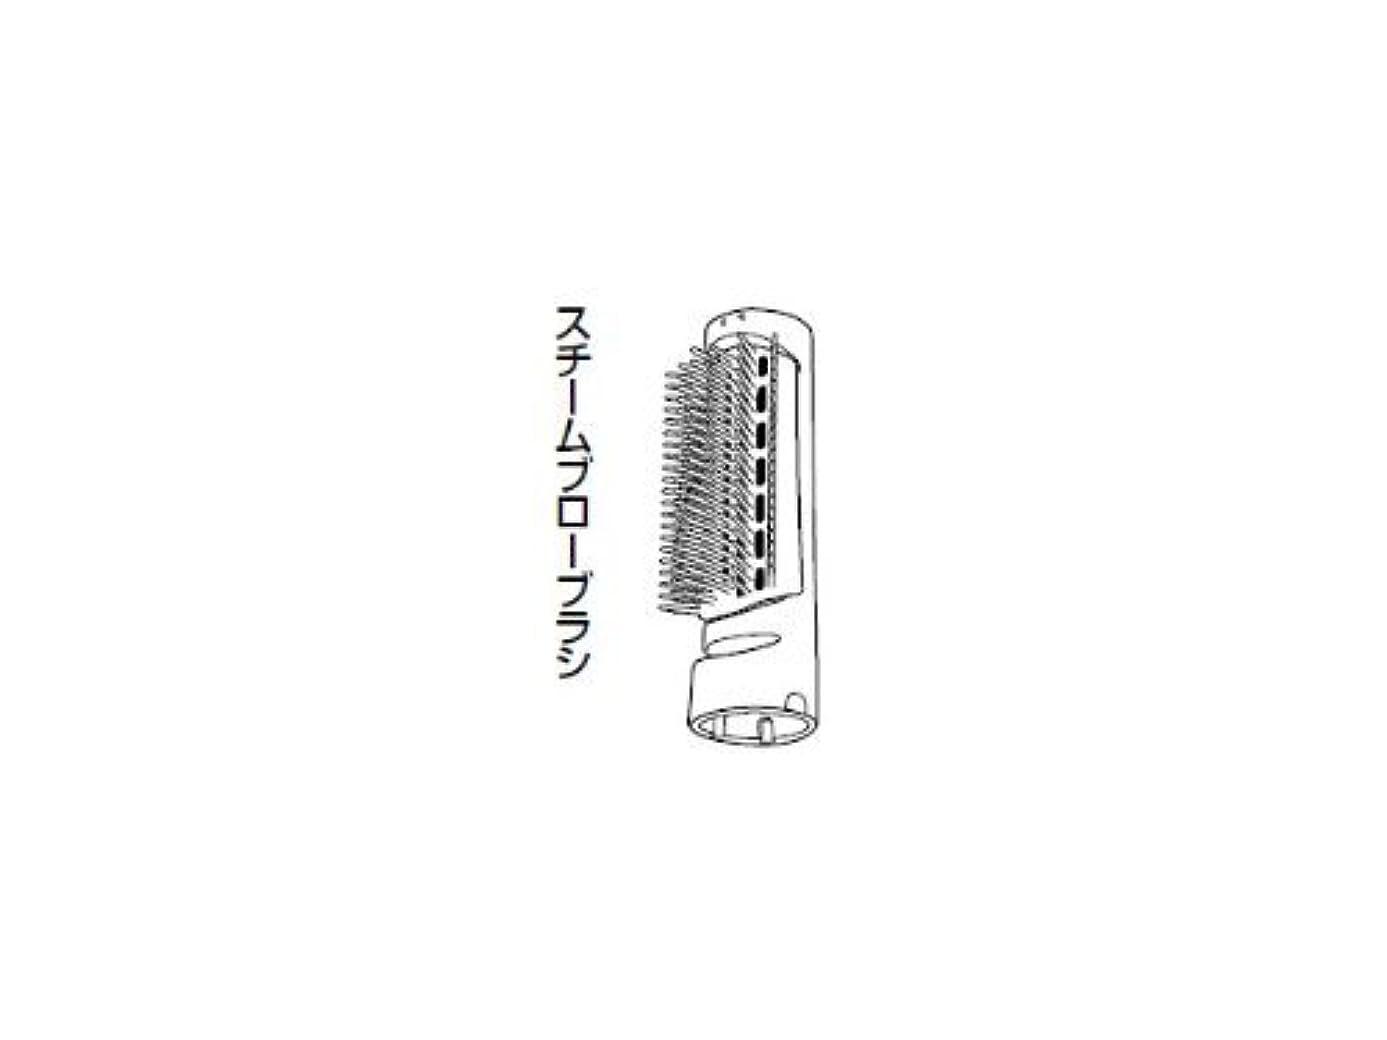 あらゆる種類のノート苦行Panasonic スチームブローブラシ(白) EH8423W7617